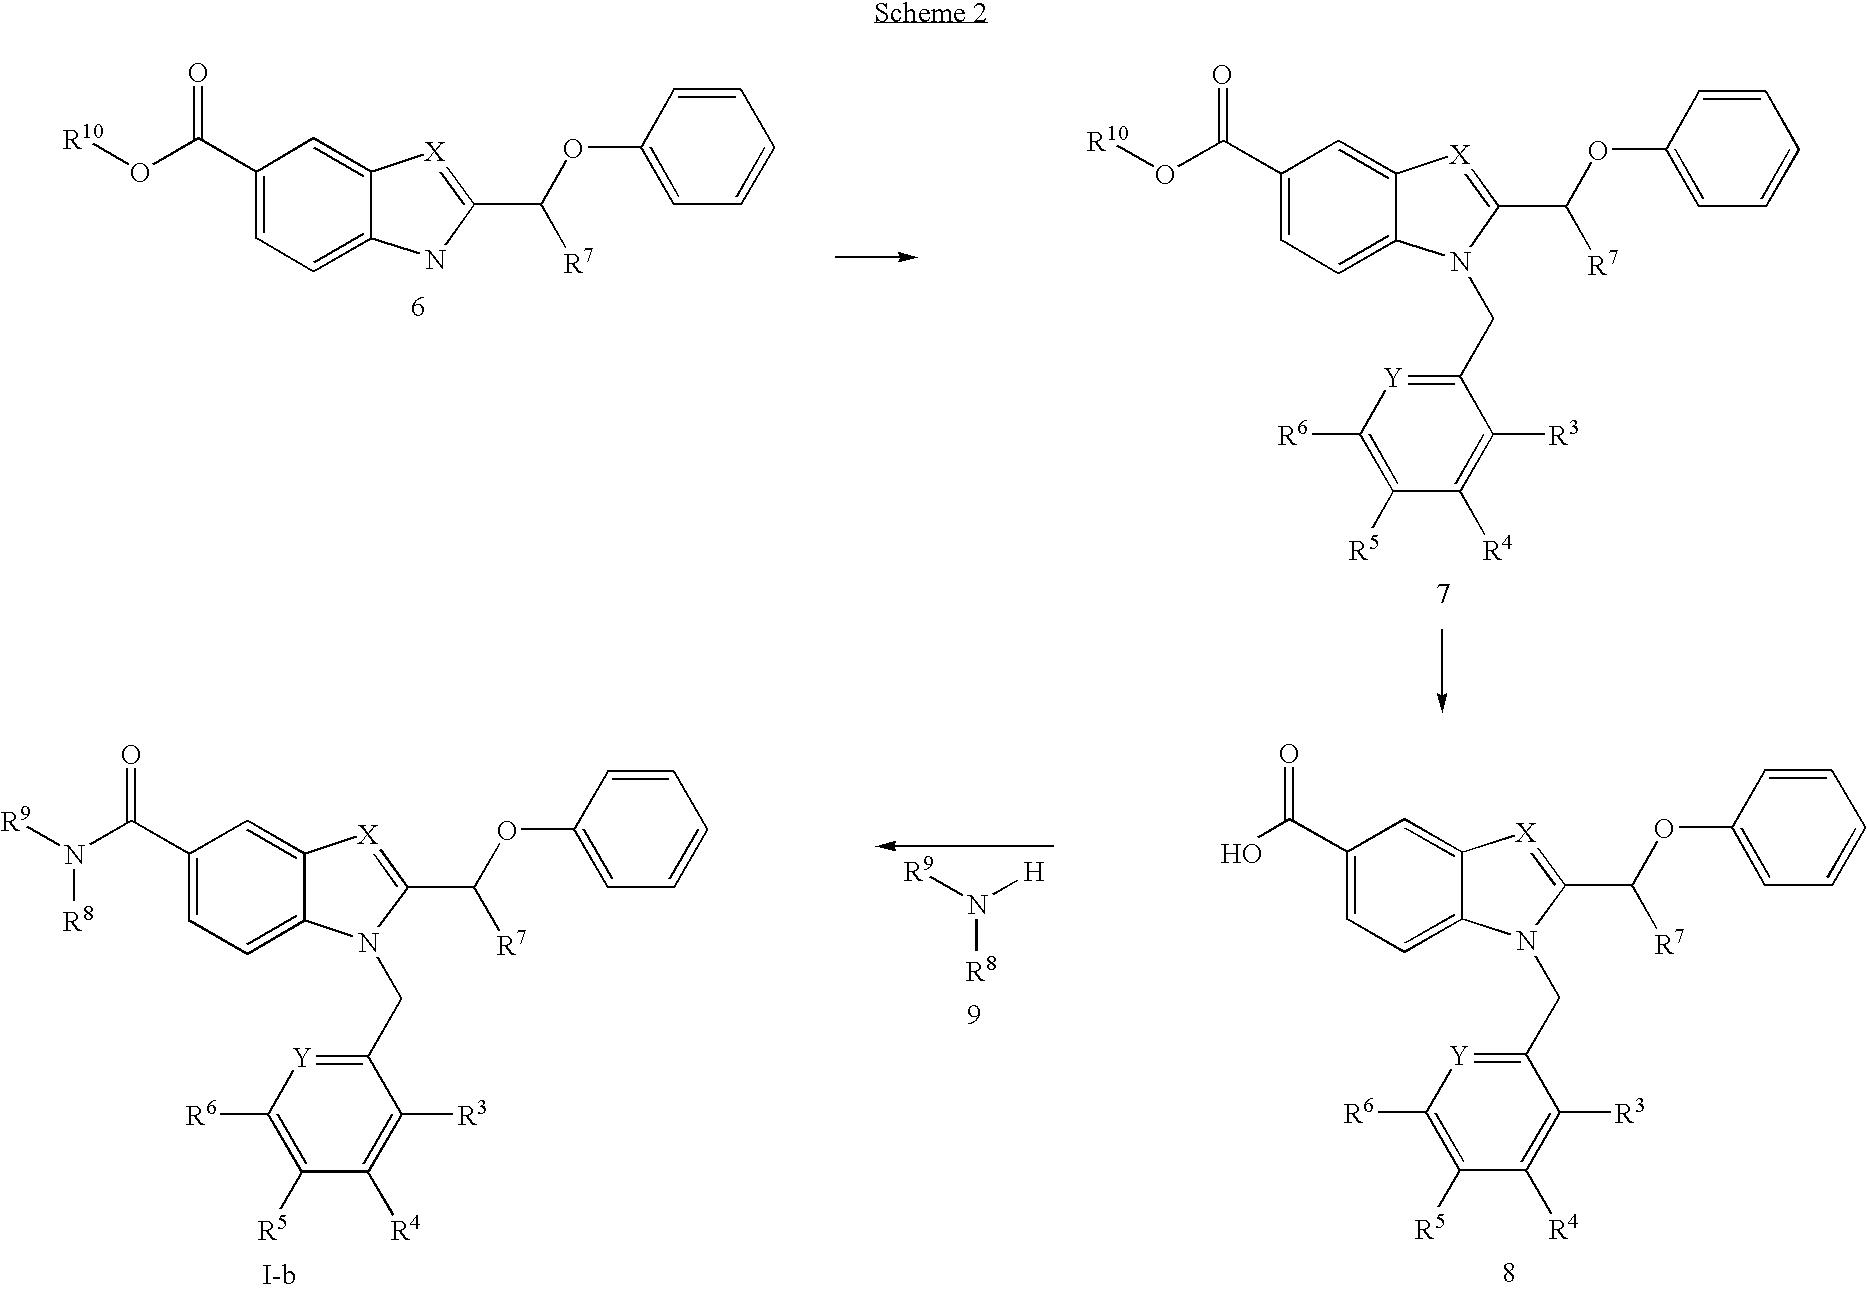 kcl dot diagram